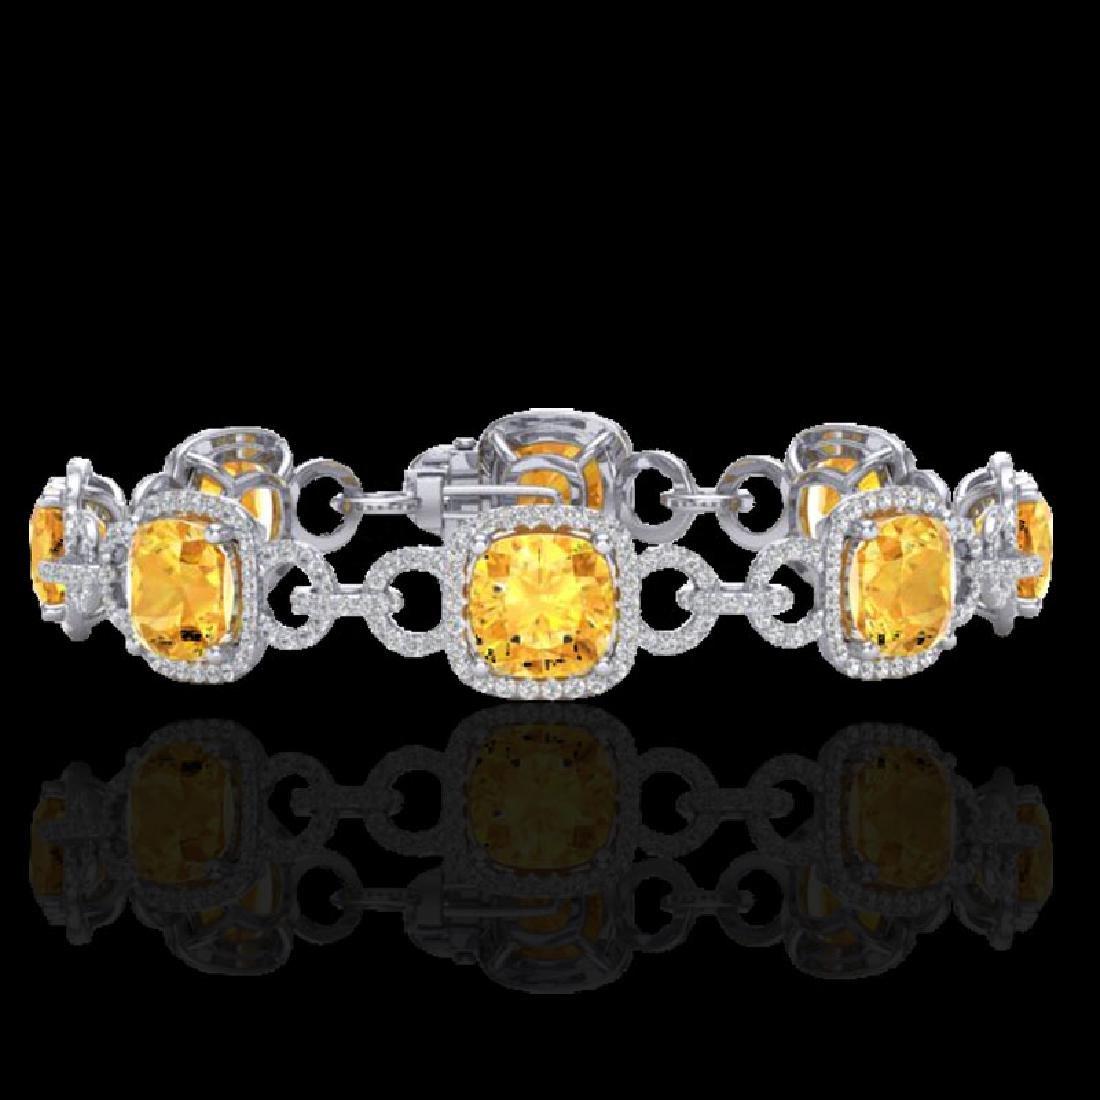 30 CTW Citrine & Micro VS/SI Diamond Bracelet 14K White